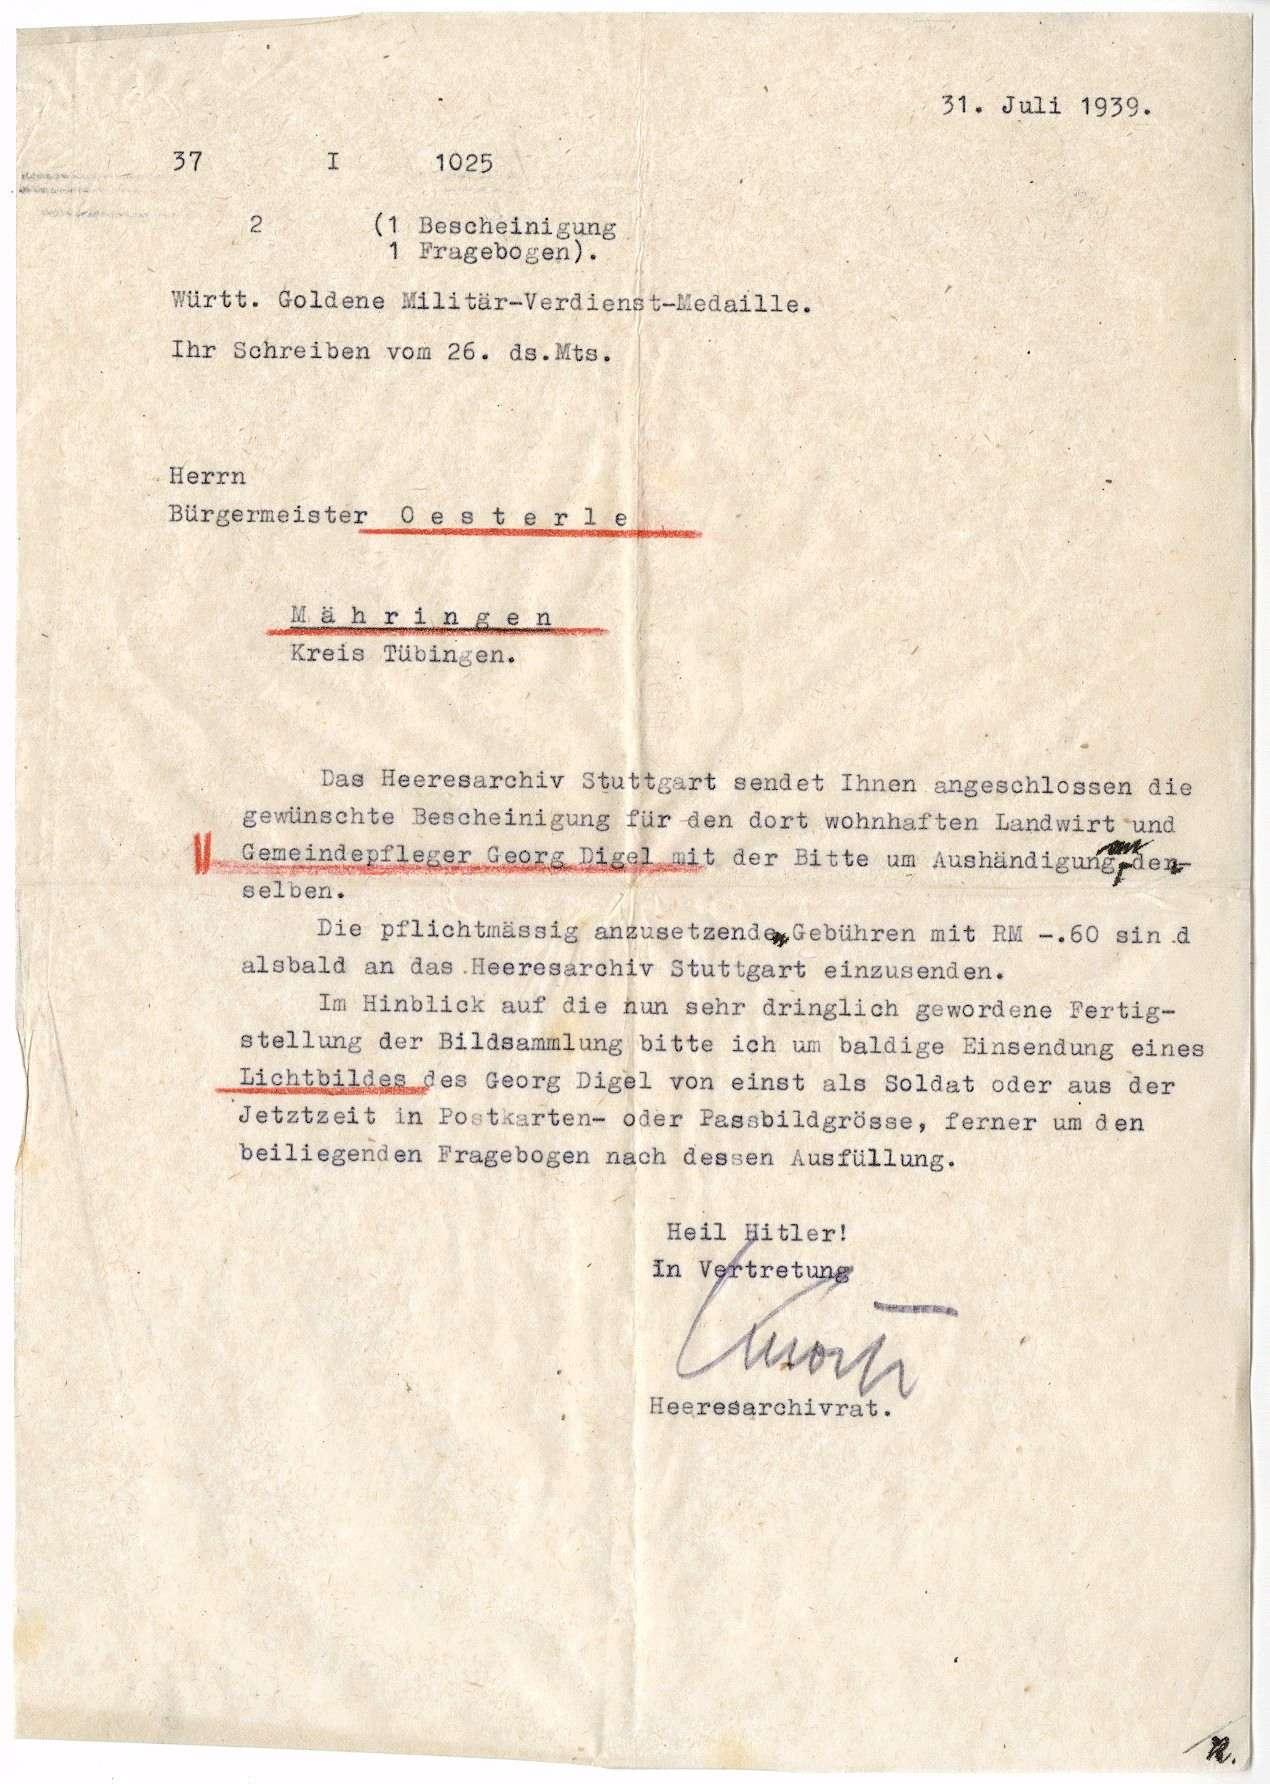 Digel, Georg, Bild 3